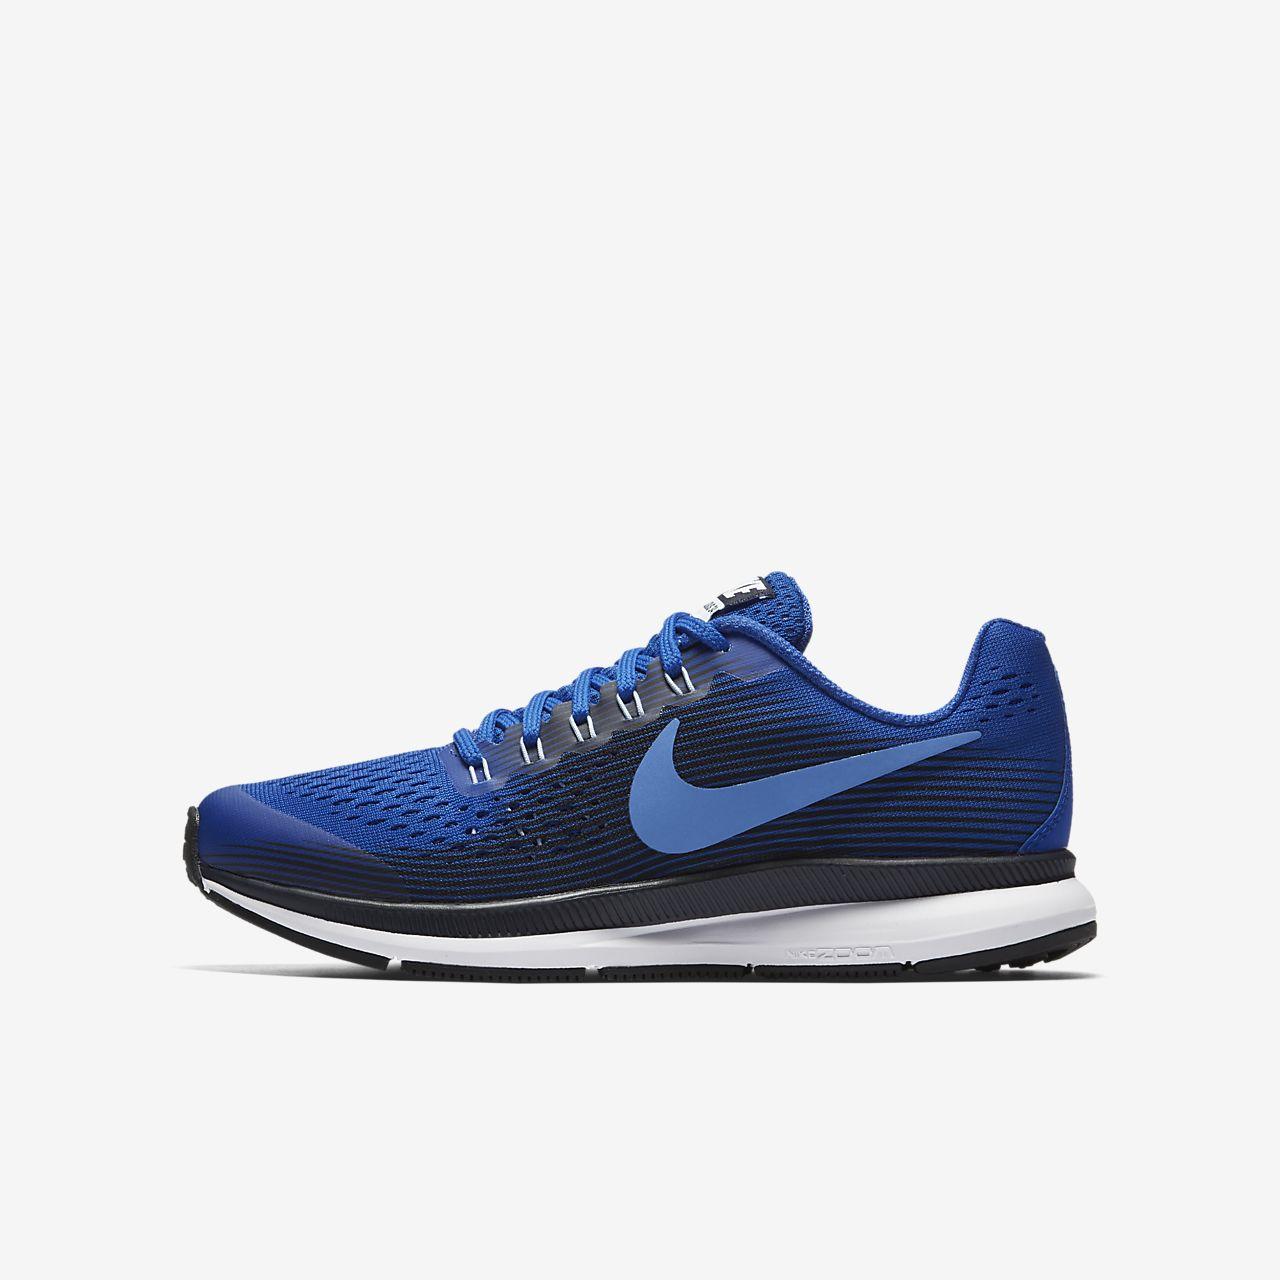 detailed look a16ef 8afd9 ... Sapatilhas de running Nike Zoom Pegasus 34 para criança